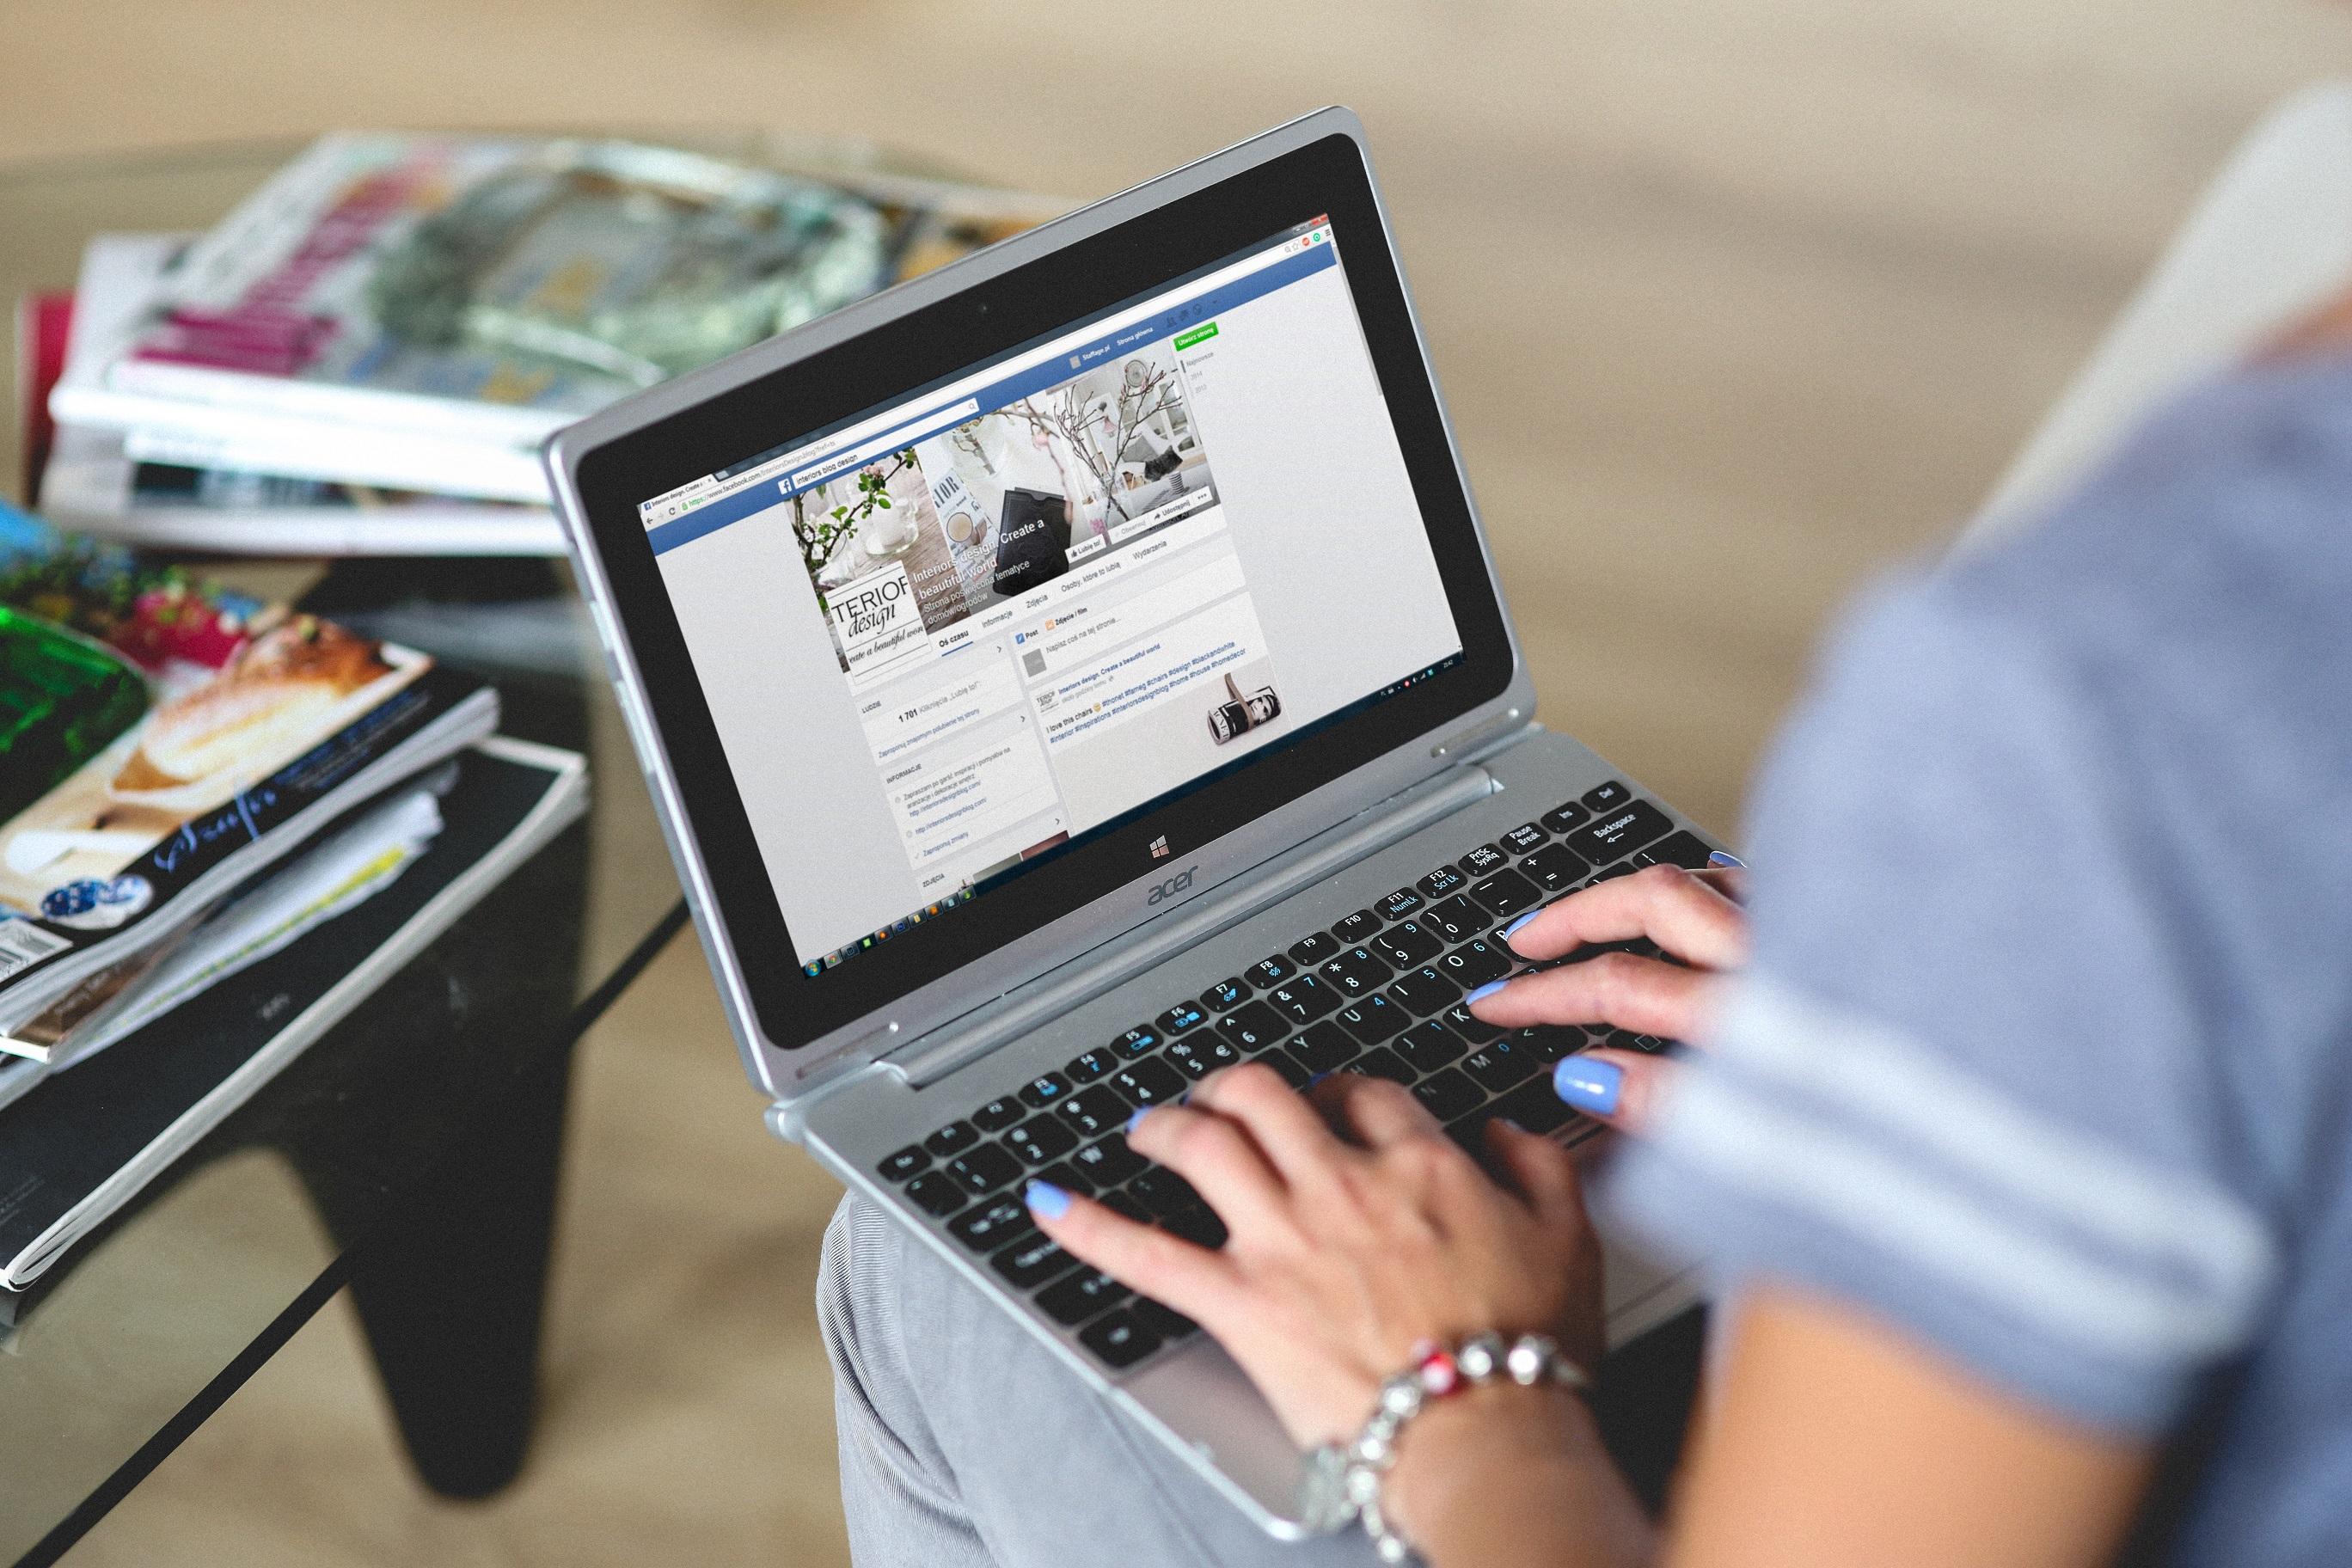 Facebook-informasjonen til 50 millioner brukere ble delt uten deres samtykke.